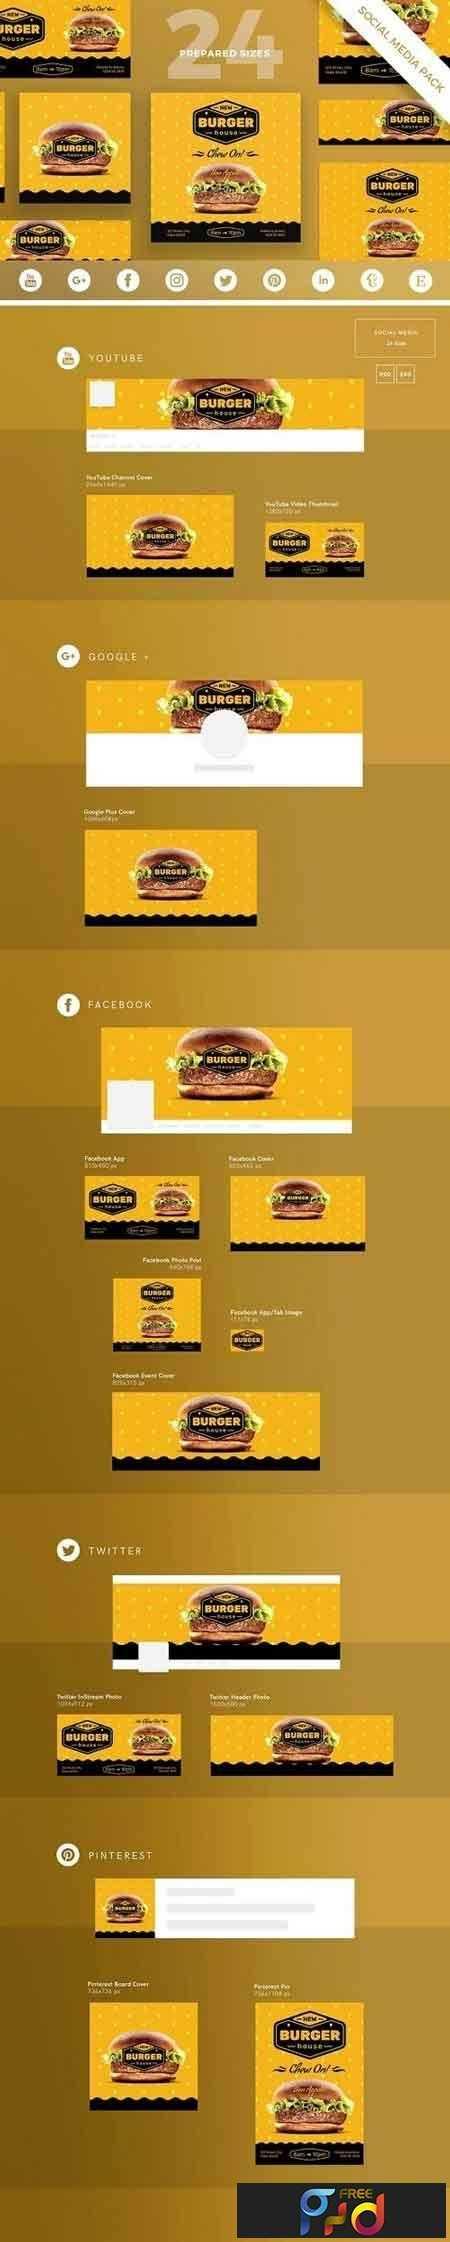 1812330 Burger House Social Media Pack 1963656 1